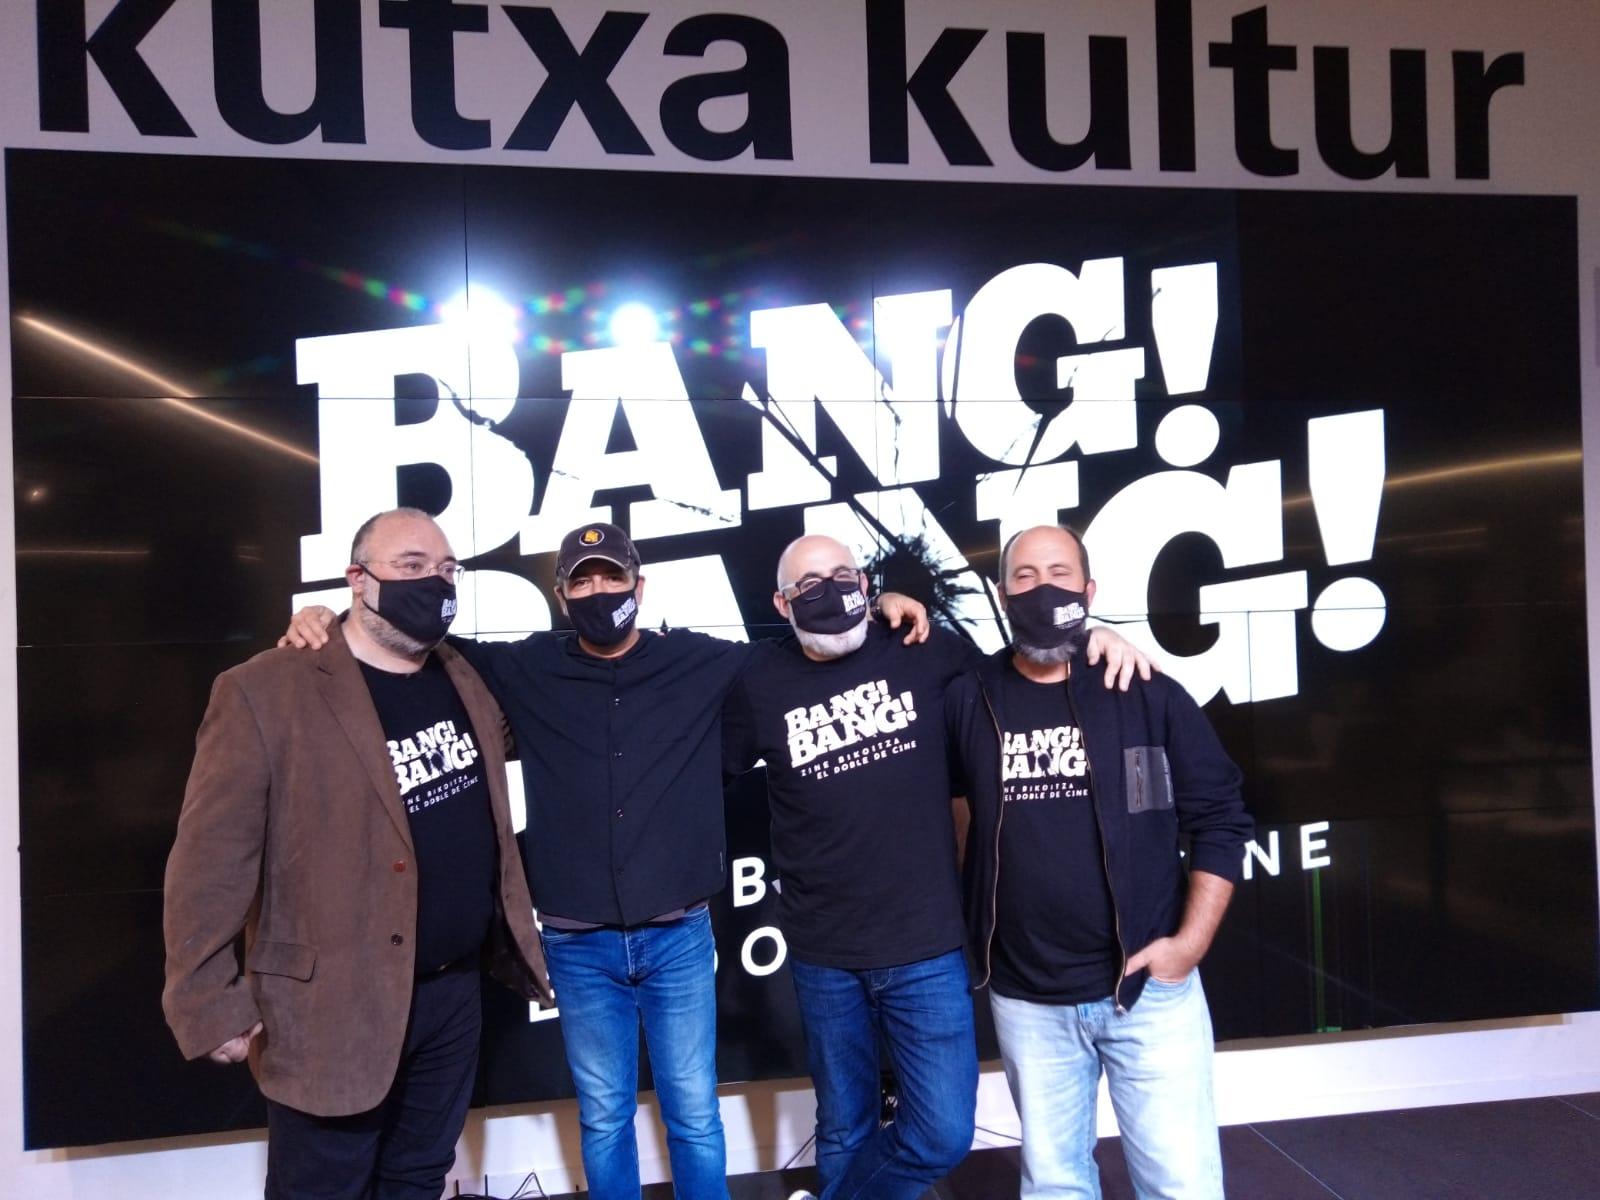 El equipo de Bang Bang Zinema ayer en Kutxa Kultur. plaza. Foto: A.E.